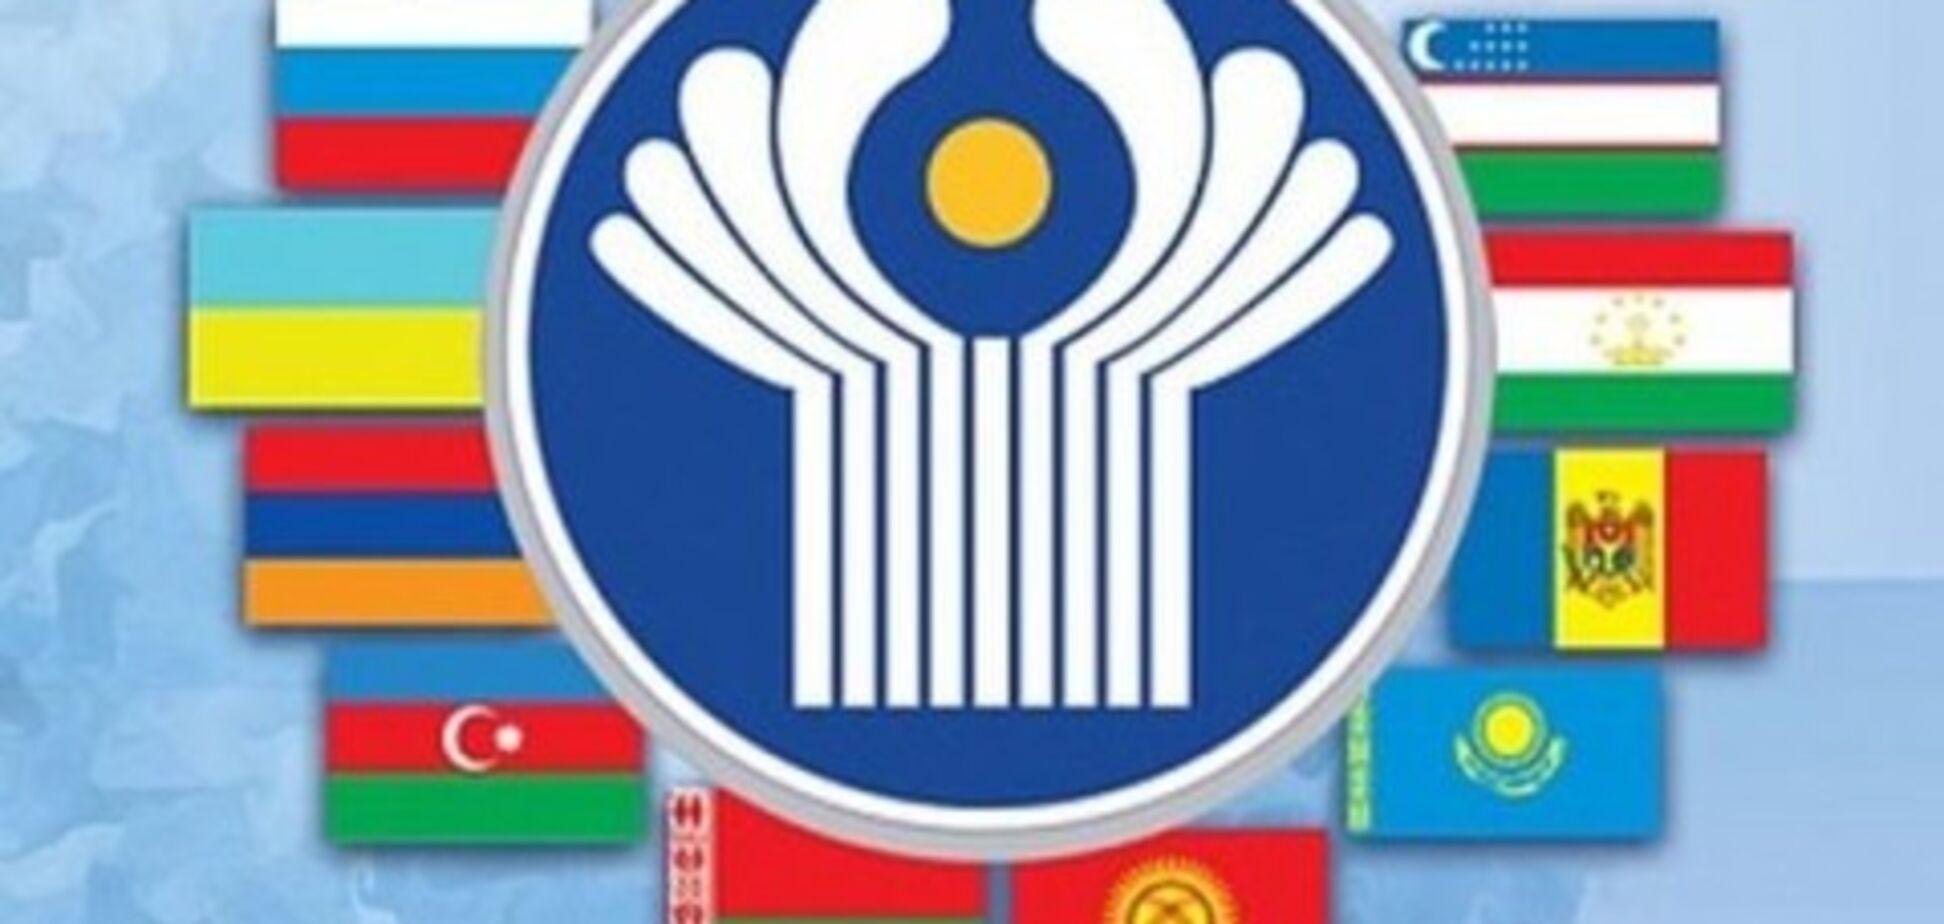 Вихід України з СНД: експерти оцінили наслідки